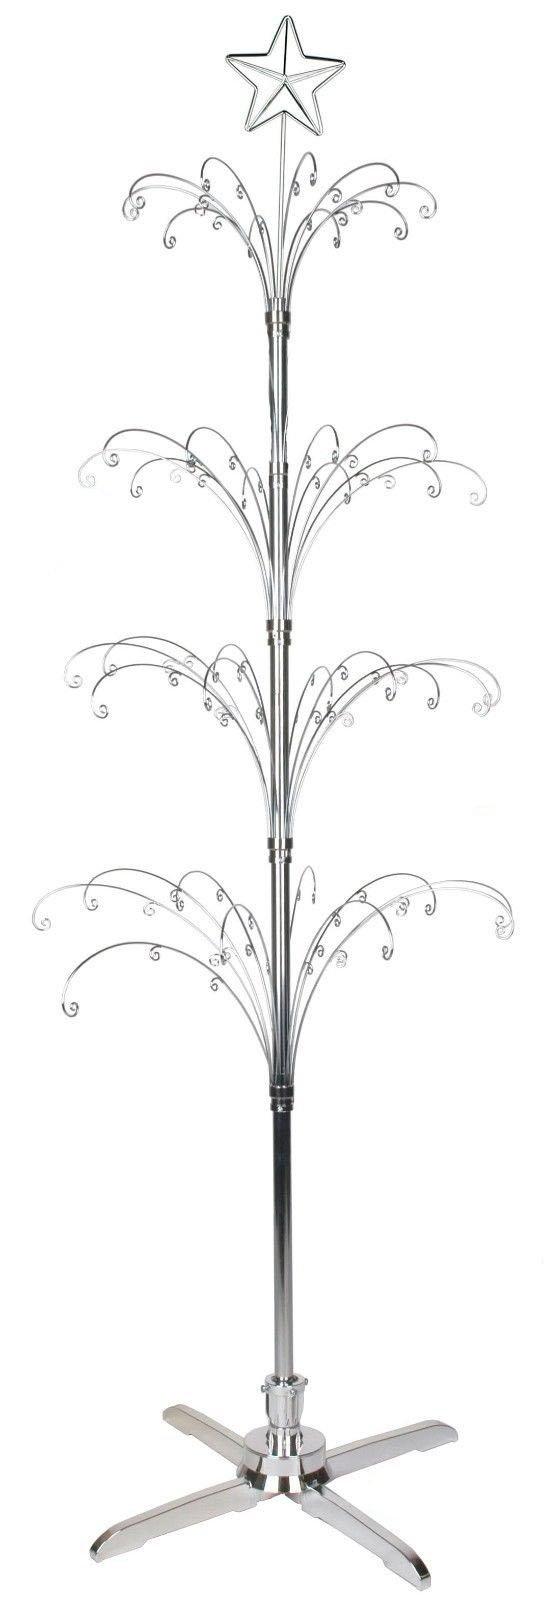 HOHIYA Metal Christmas Ornament Display Tree Rotating Stand Chrome Plated 90 Hooks 74inch(Silver) by HOHIYA (Image #2)